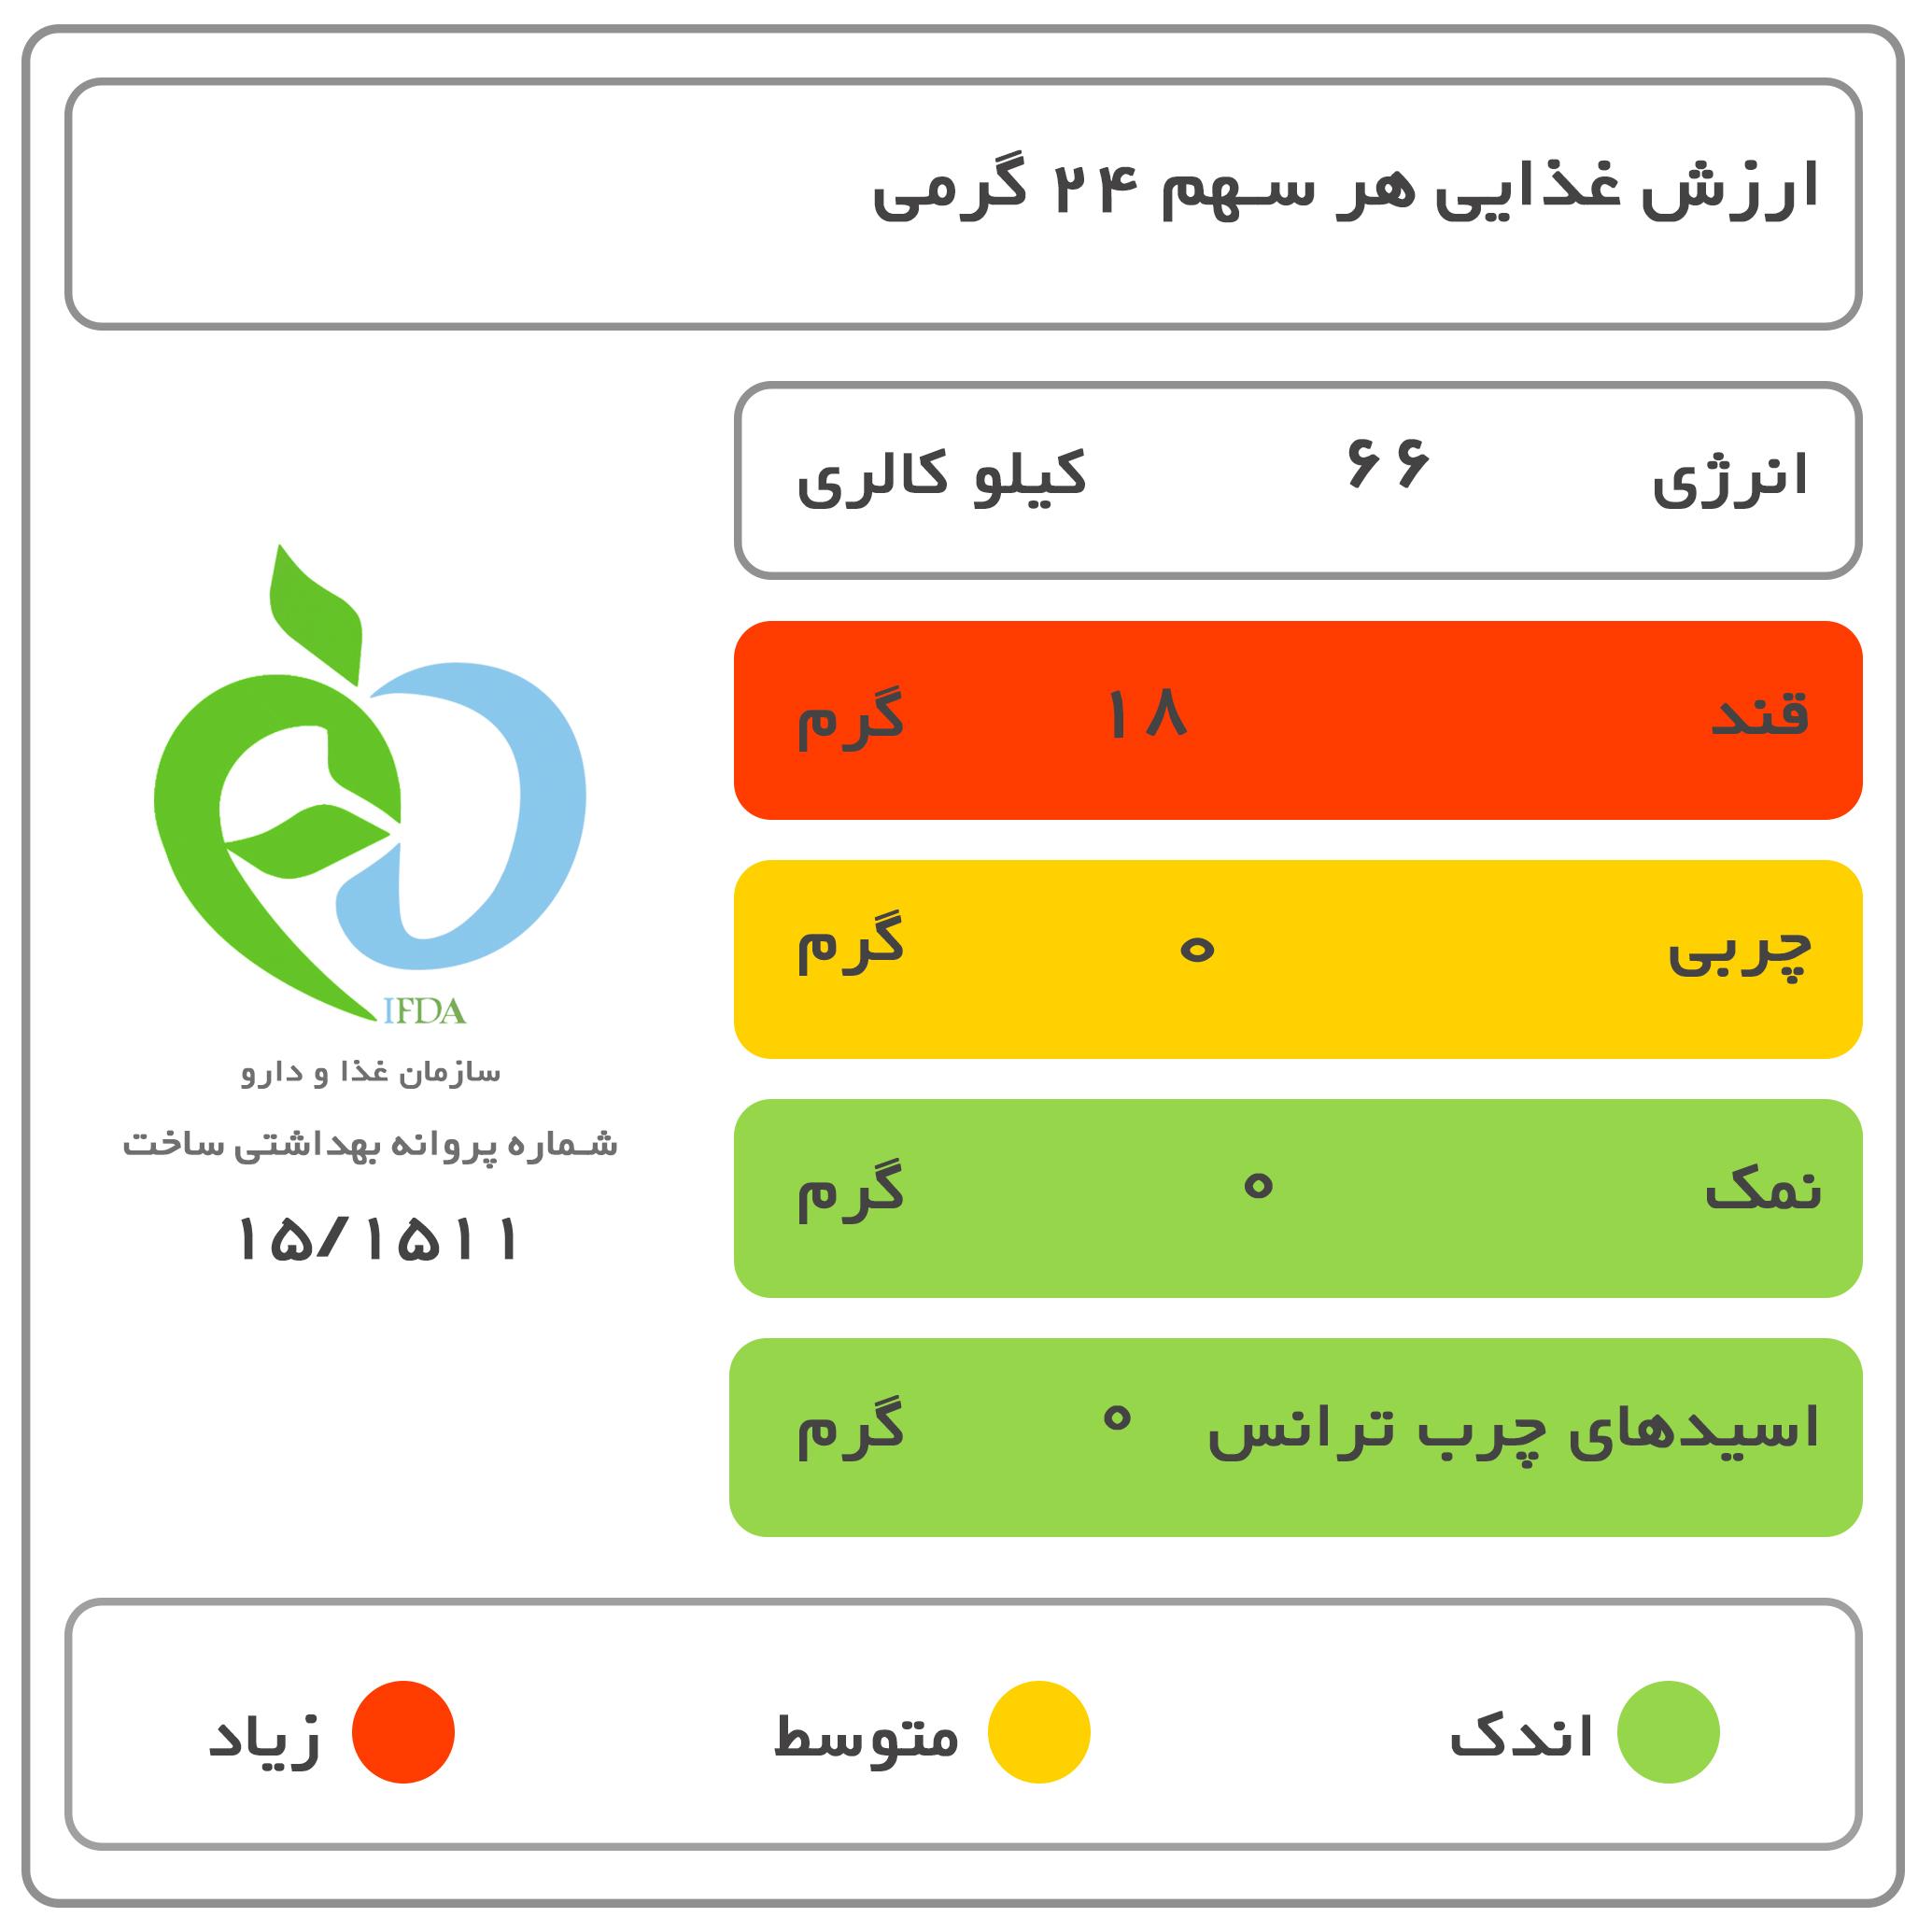 عسل کنار شیگوار - 1 کیلوگرم main 1 6